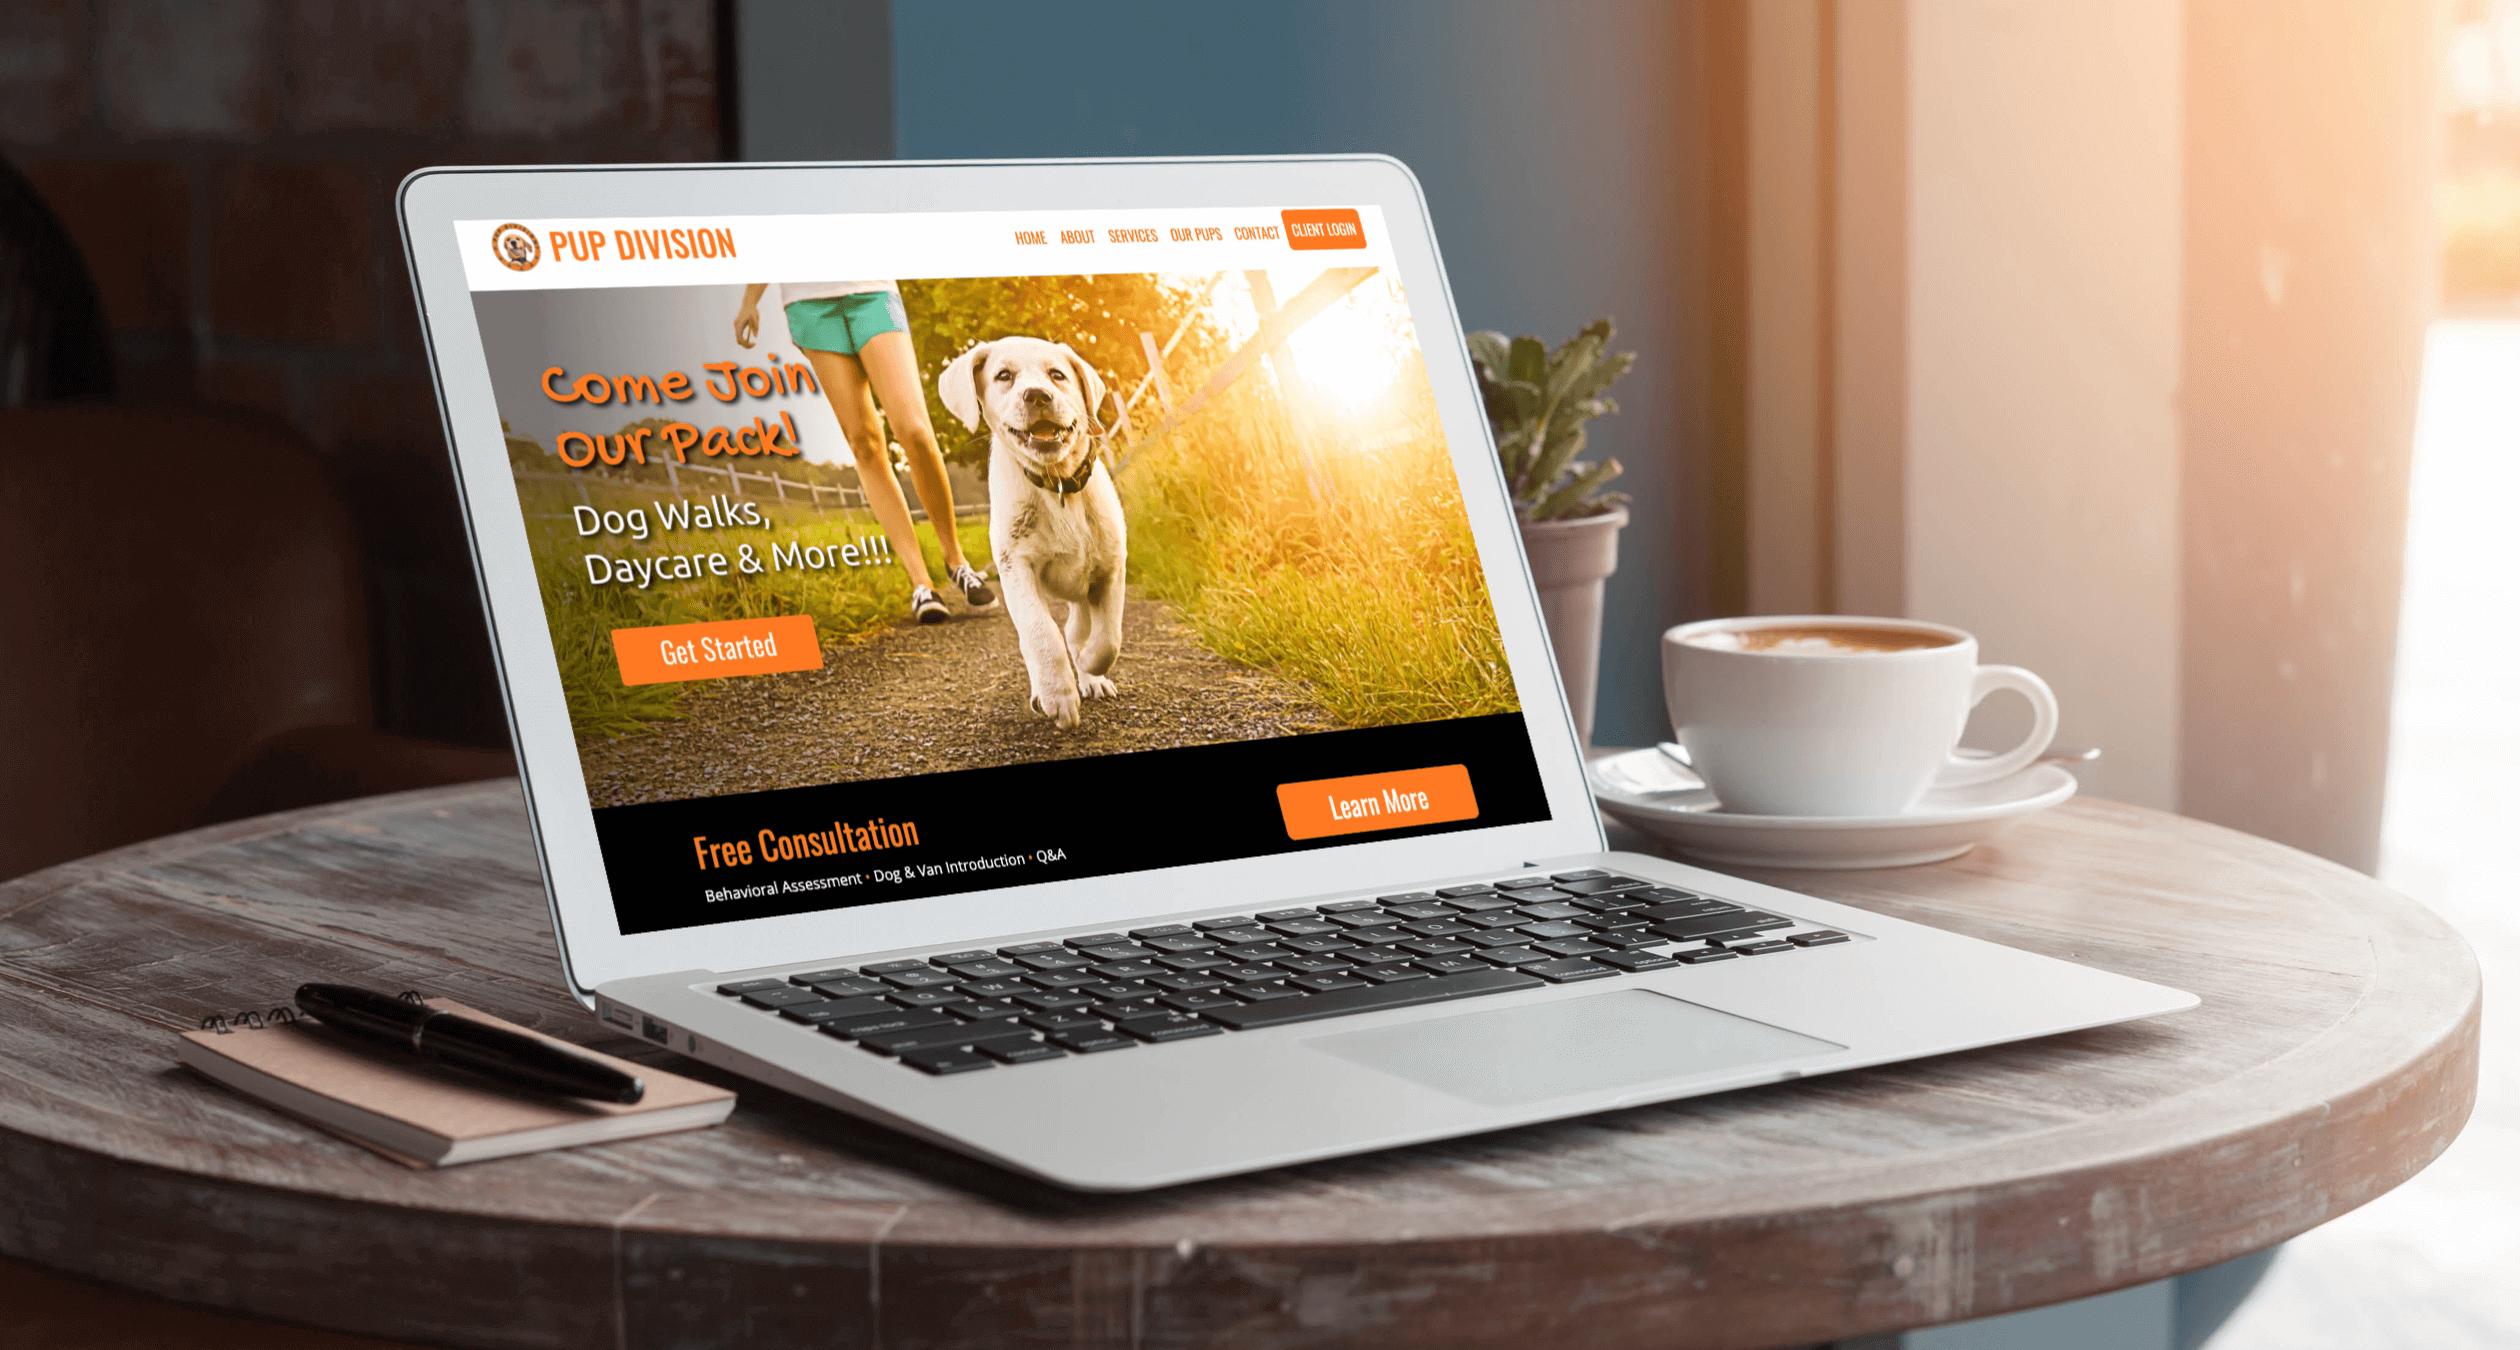 Pup-Division-Dog-Walking-Website-Design